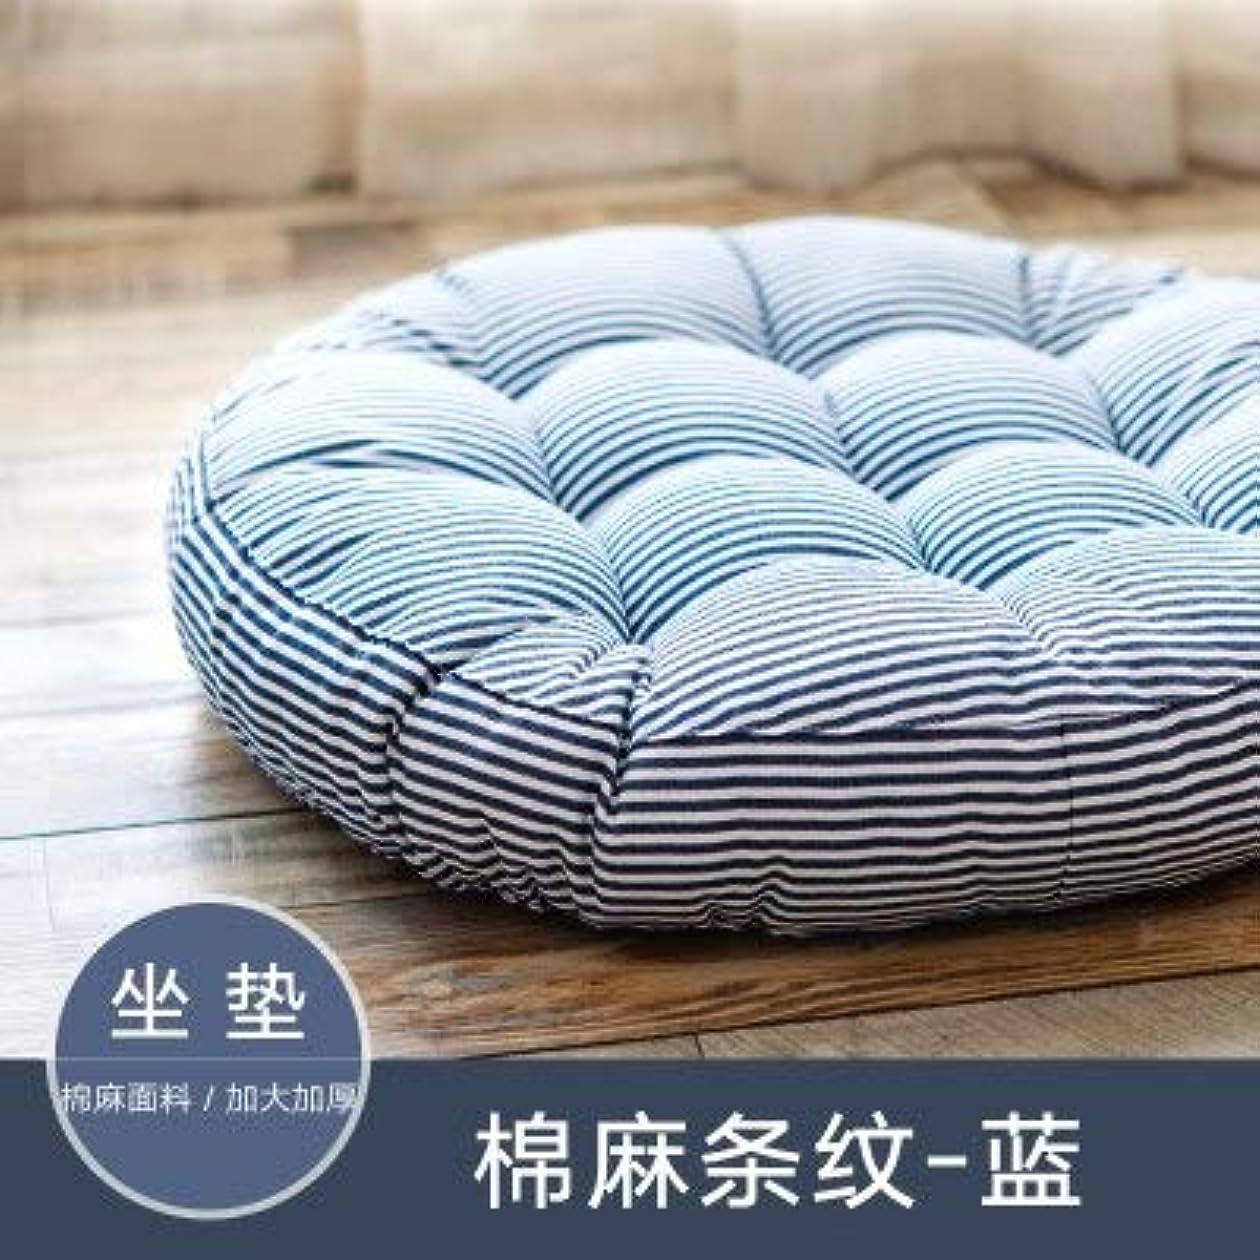 非効率的な翻訳混沌LIFE ラウンド厚い椅子のクッションフロアマットレスシートパッドソフトホームオフィスチェアクッションマットソフトスロー枕最高品質の床クッション クッション 椅子